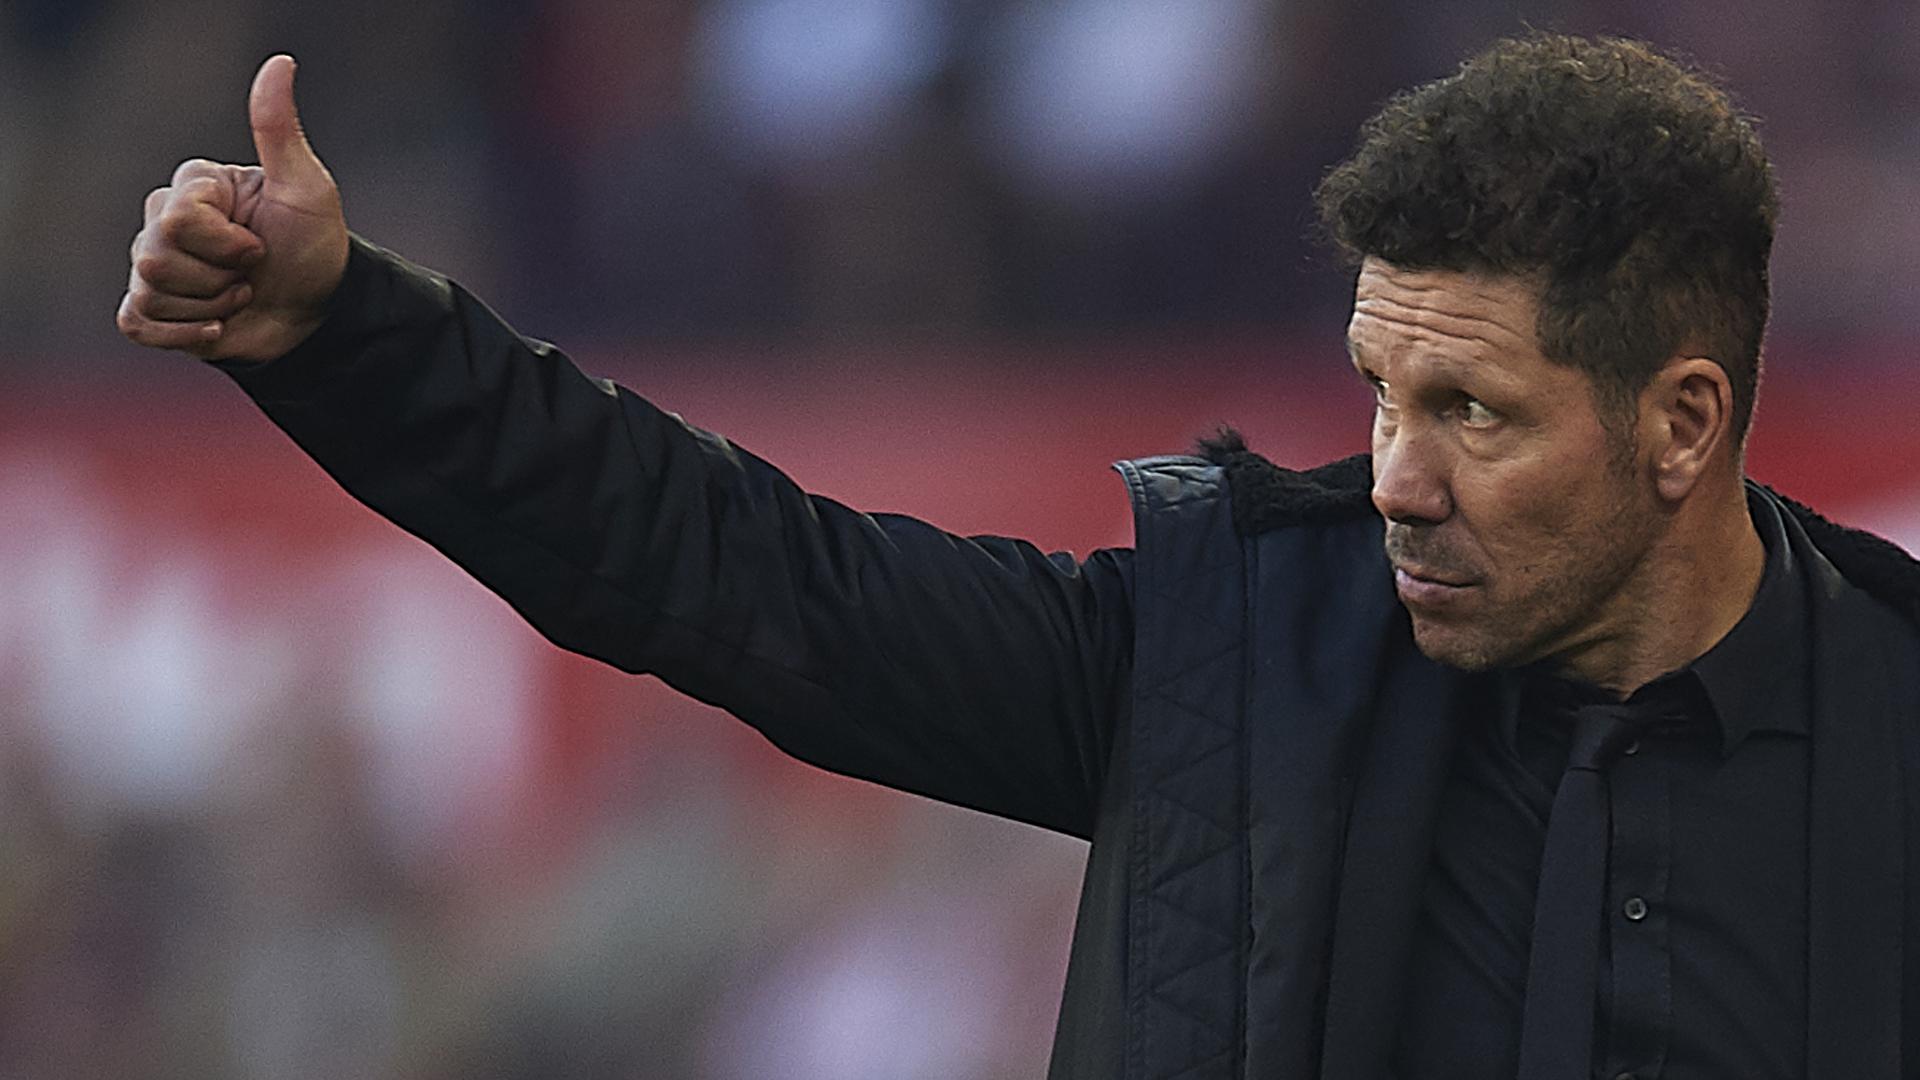 Atletico tiến gần chức vô địch, Simeone liền lên tiếng - Bóng Đá